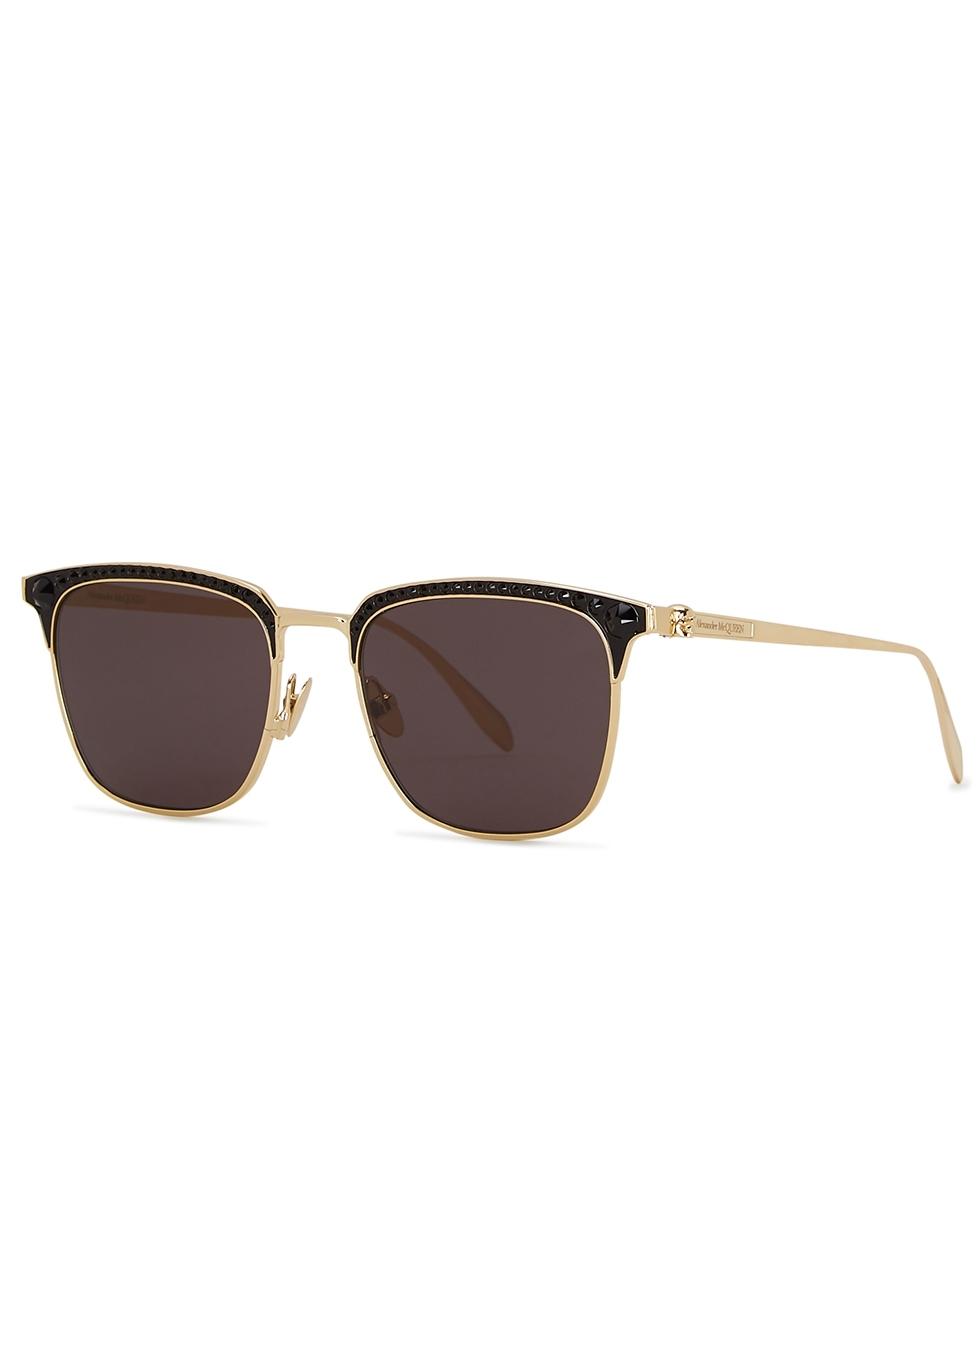 17eaaf5cb161a Women s Designer Sunglasses and Eyewear - Harvey Nichols